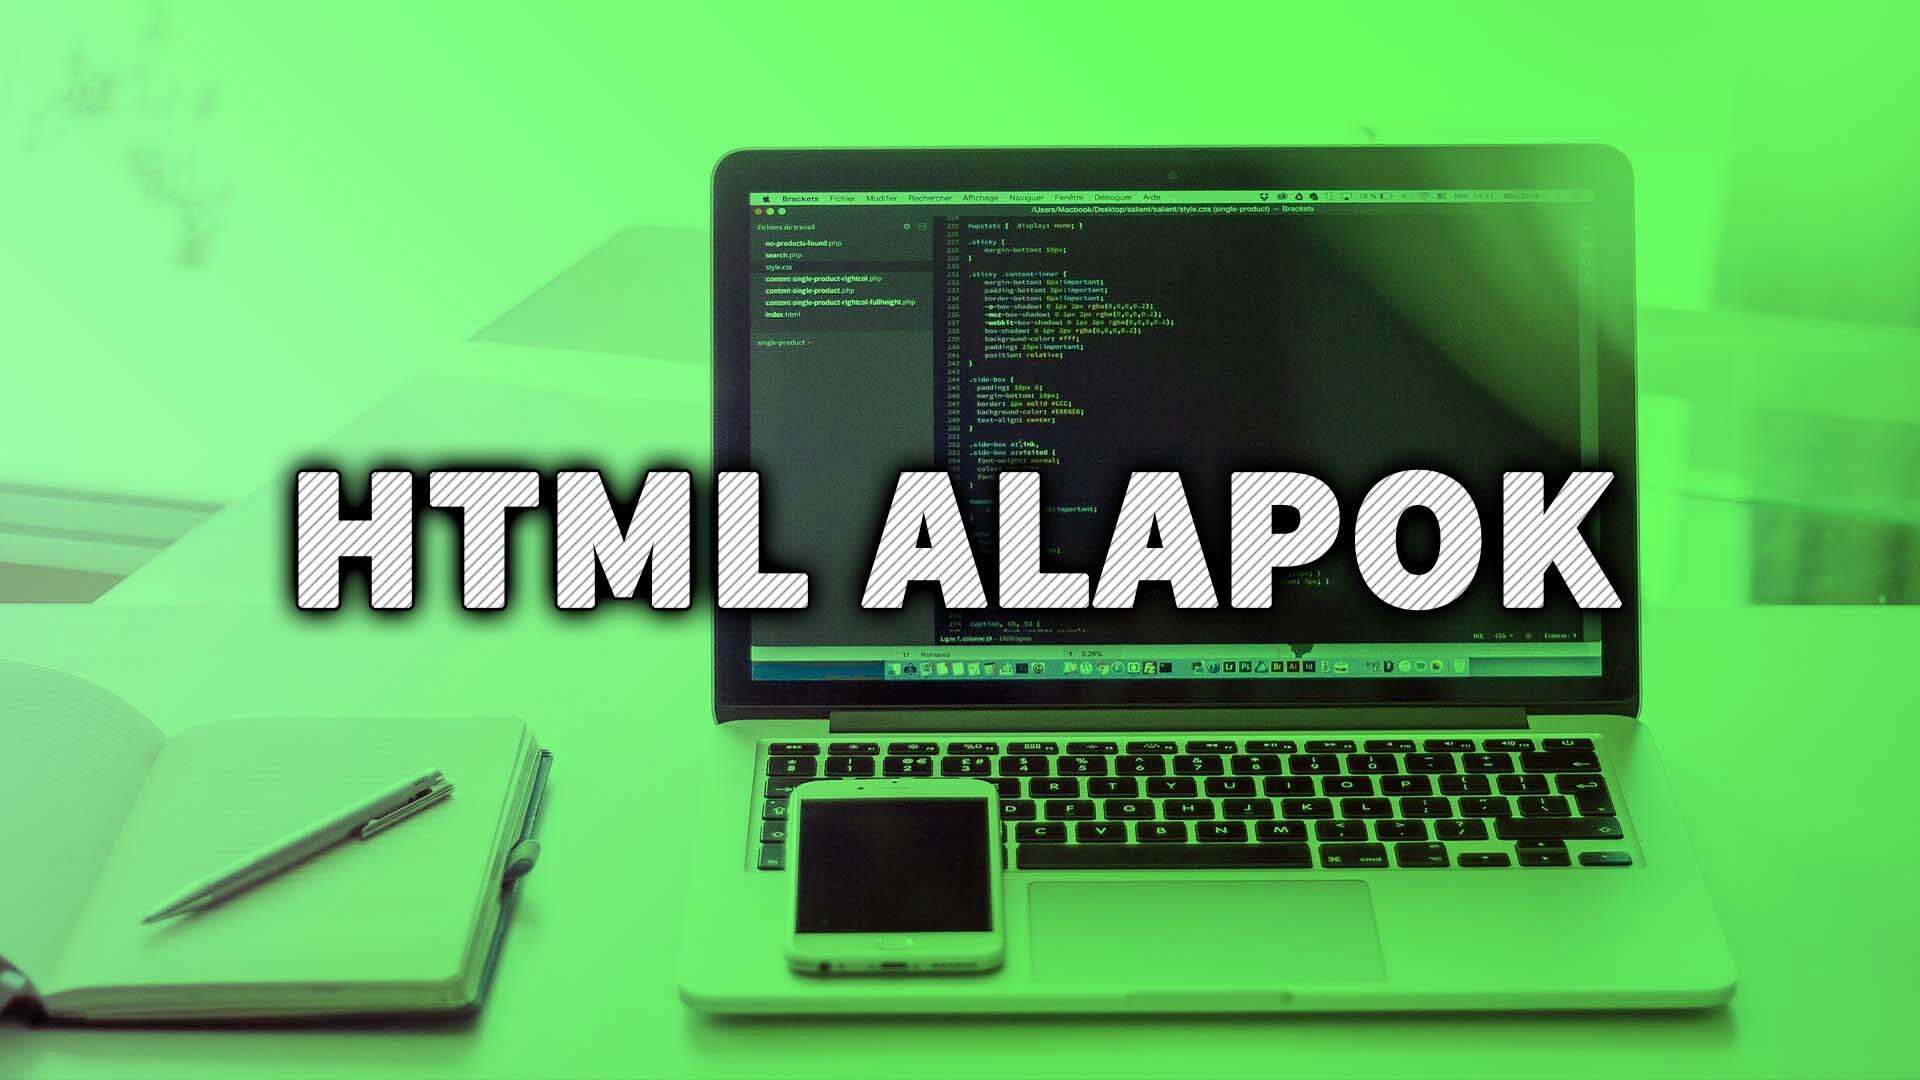 Mi az a HTML? A HTML bemutatása című cikk és a HTML szerkesztő programok nyitóképe